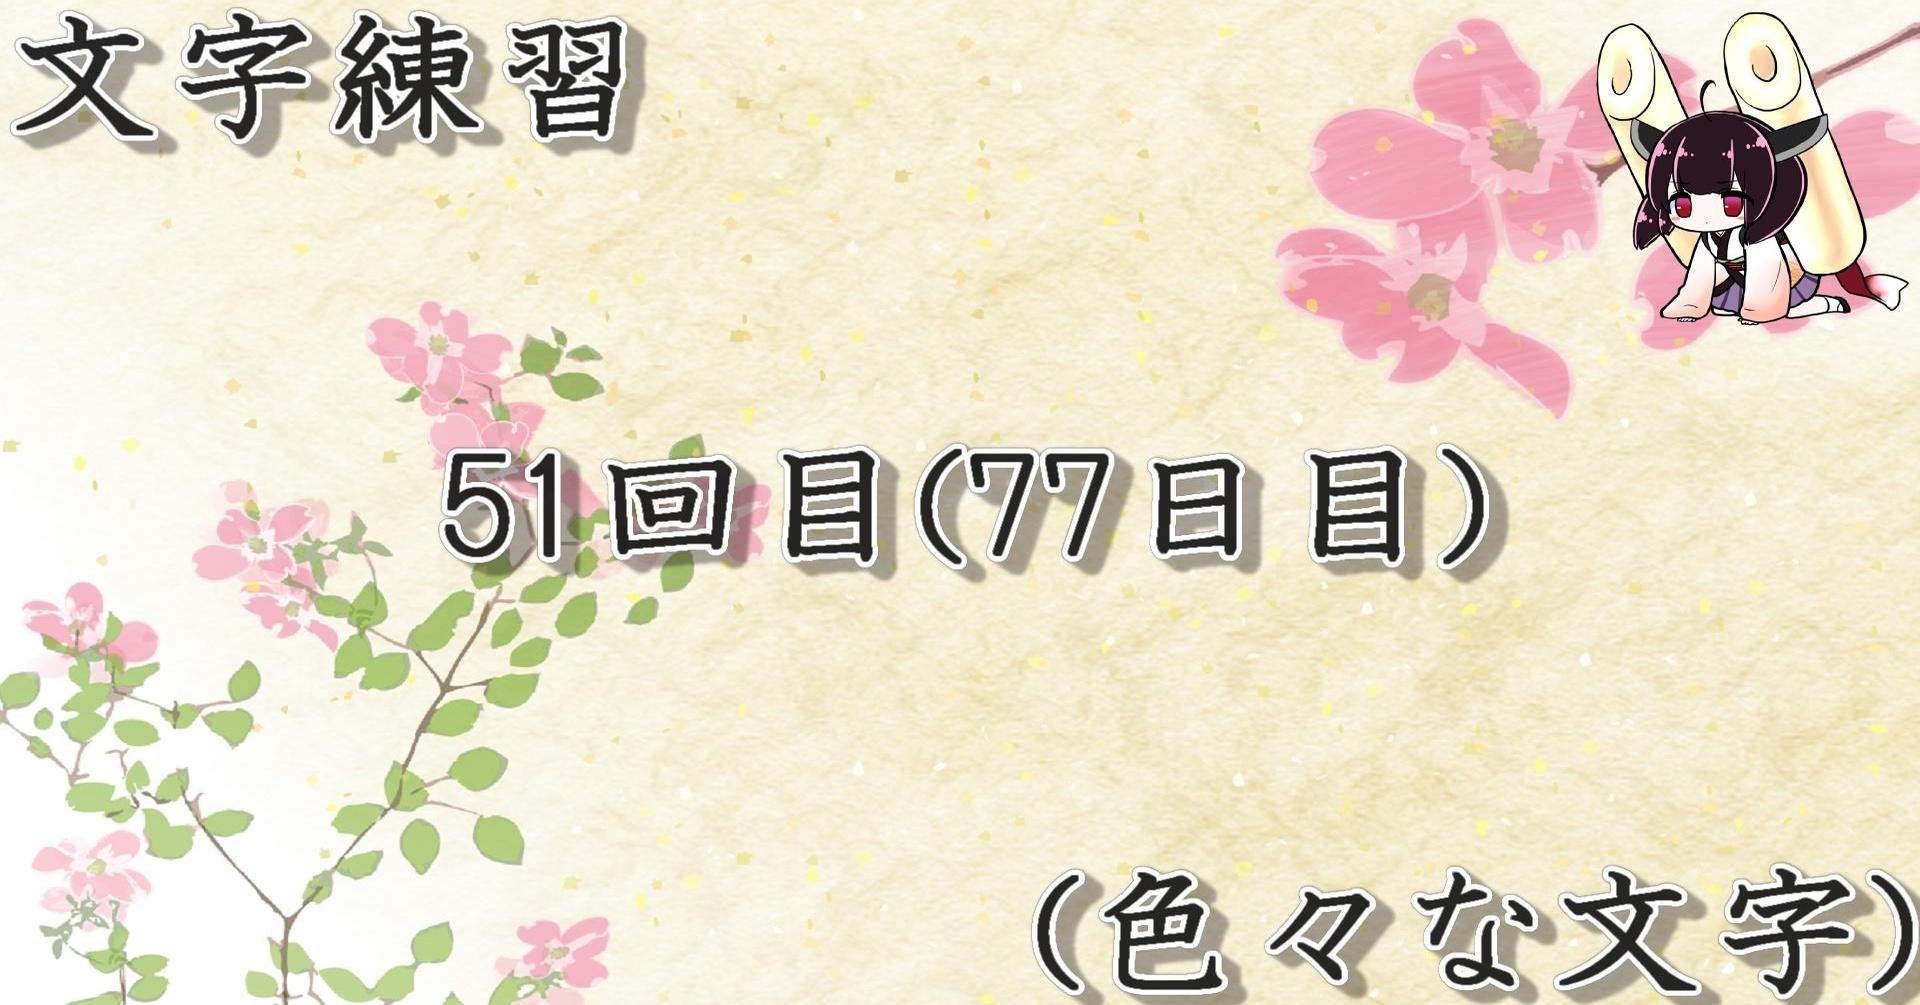 文字練習51回目(77日目)